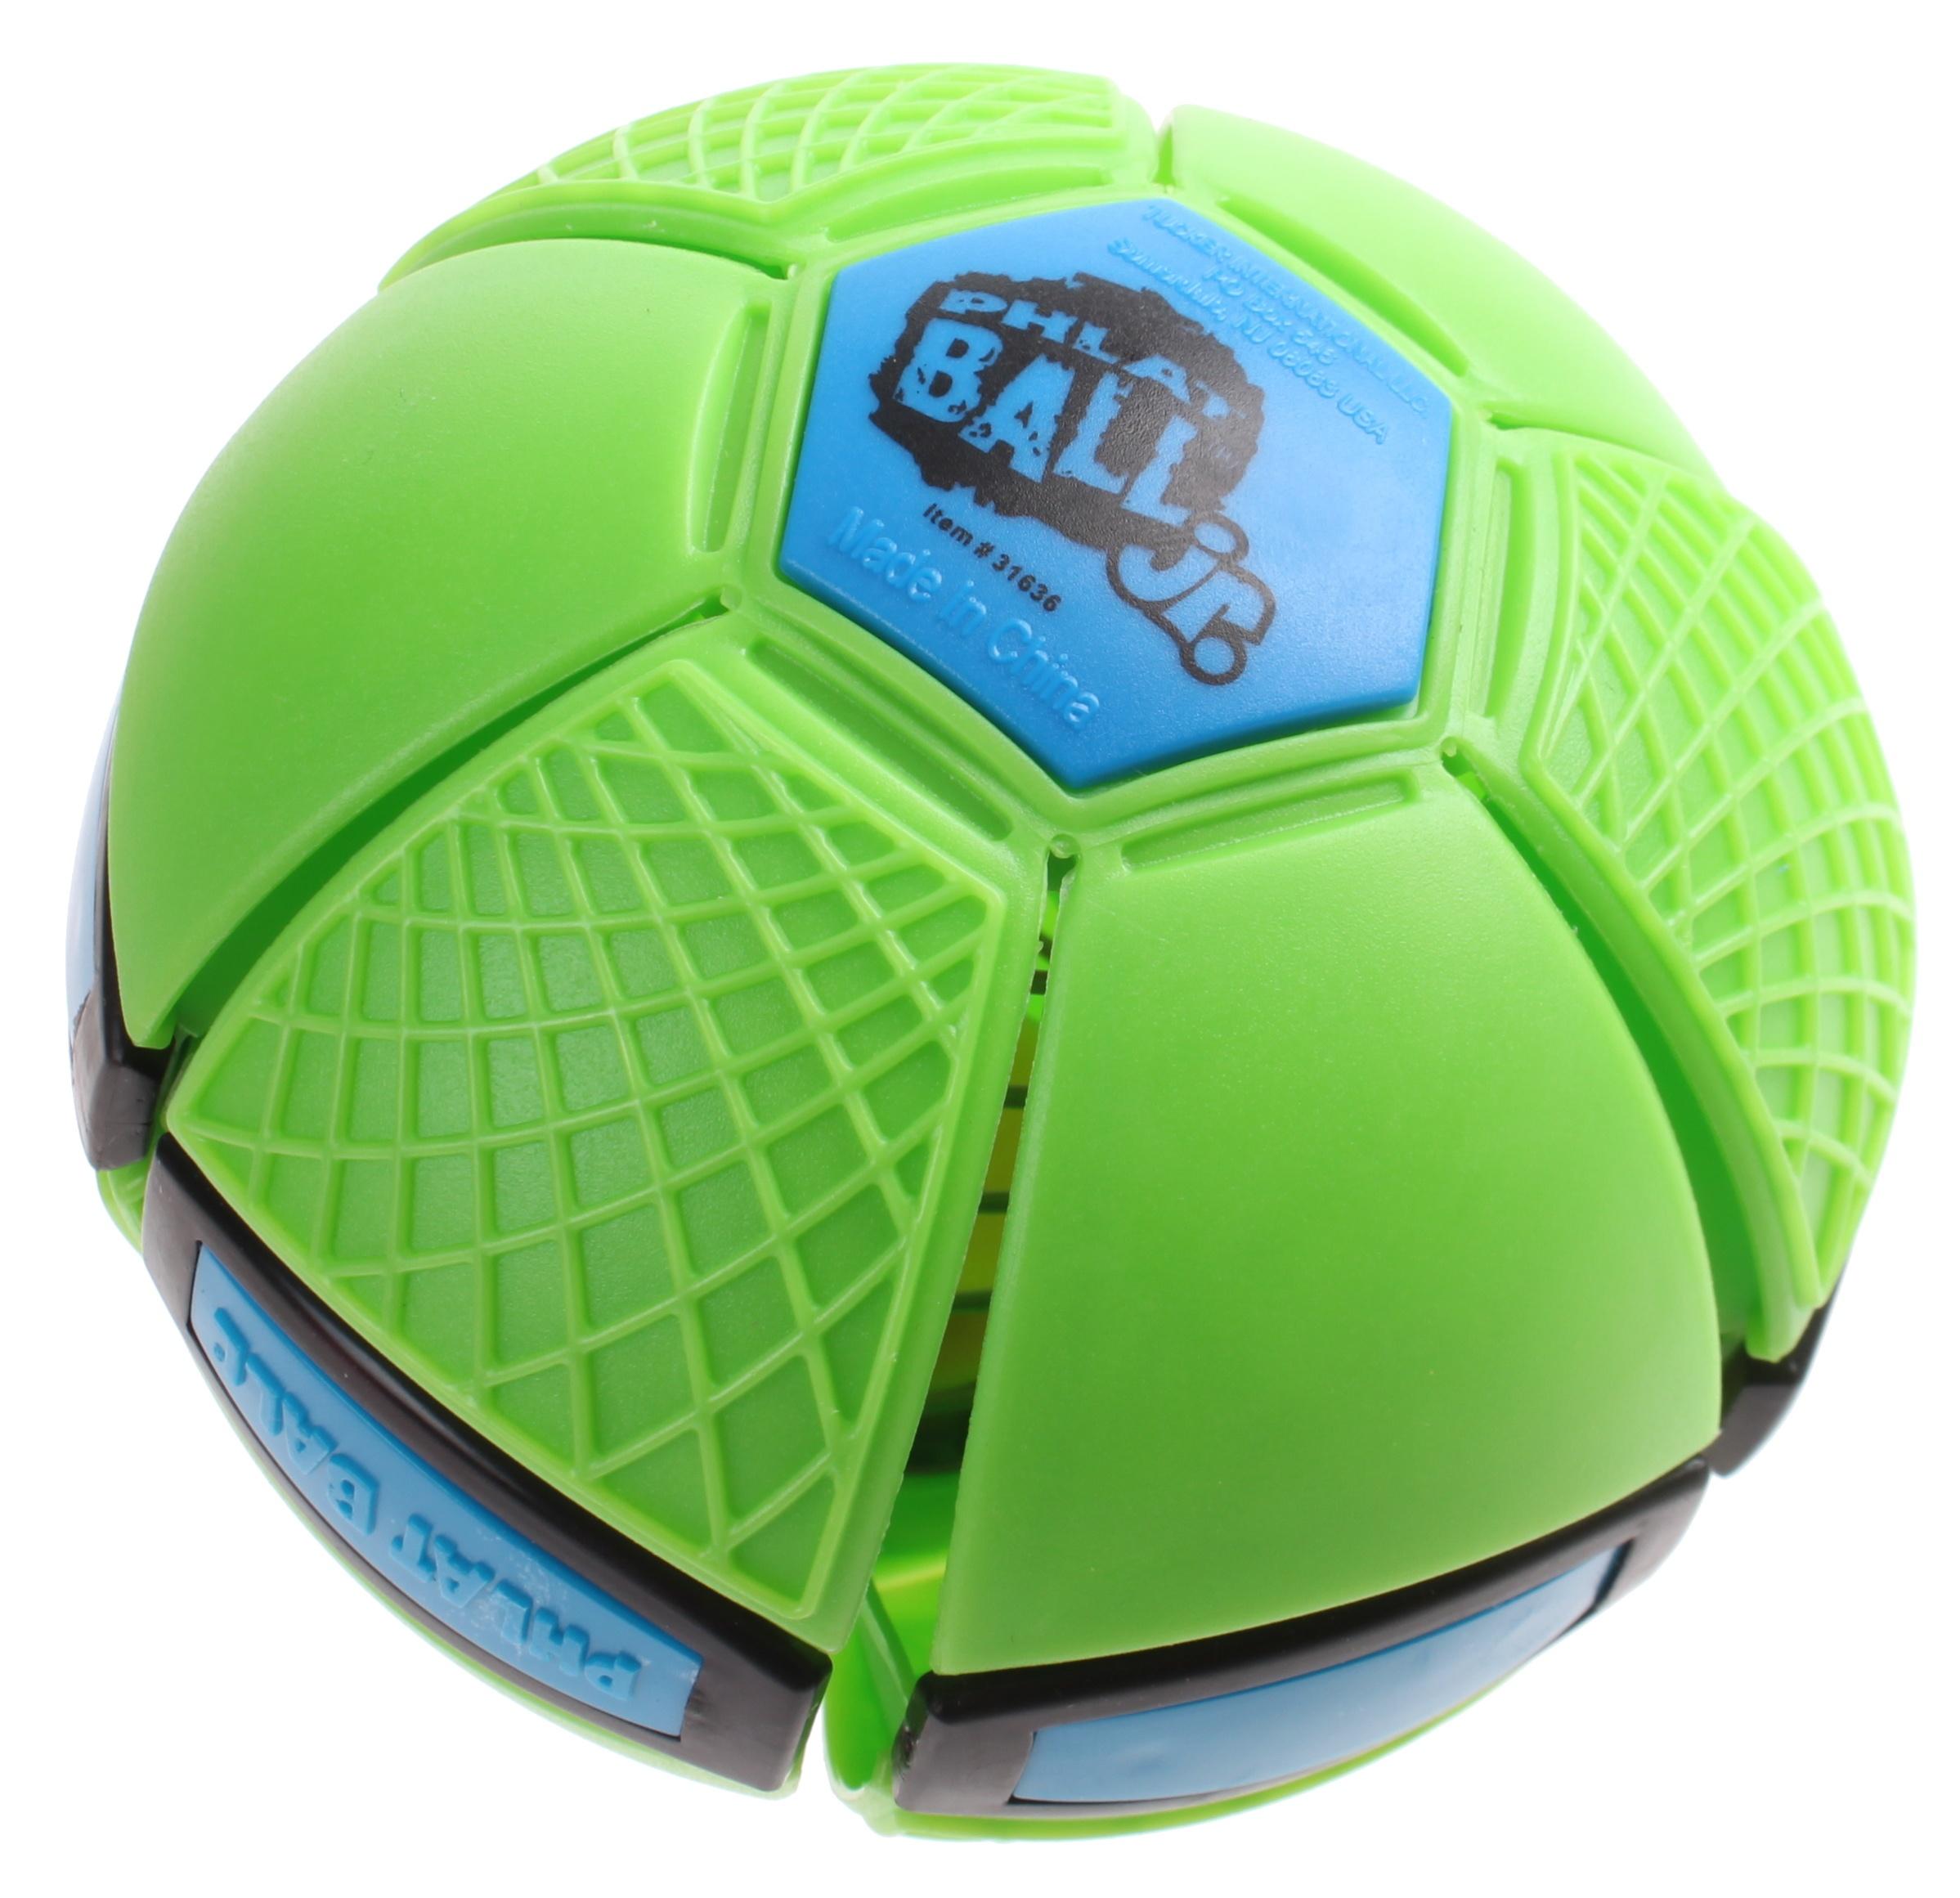 Goliath Phlat Ball Frisbee Junior 15 cm Green - Internet-Toys f34533db37d6